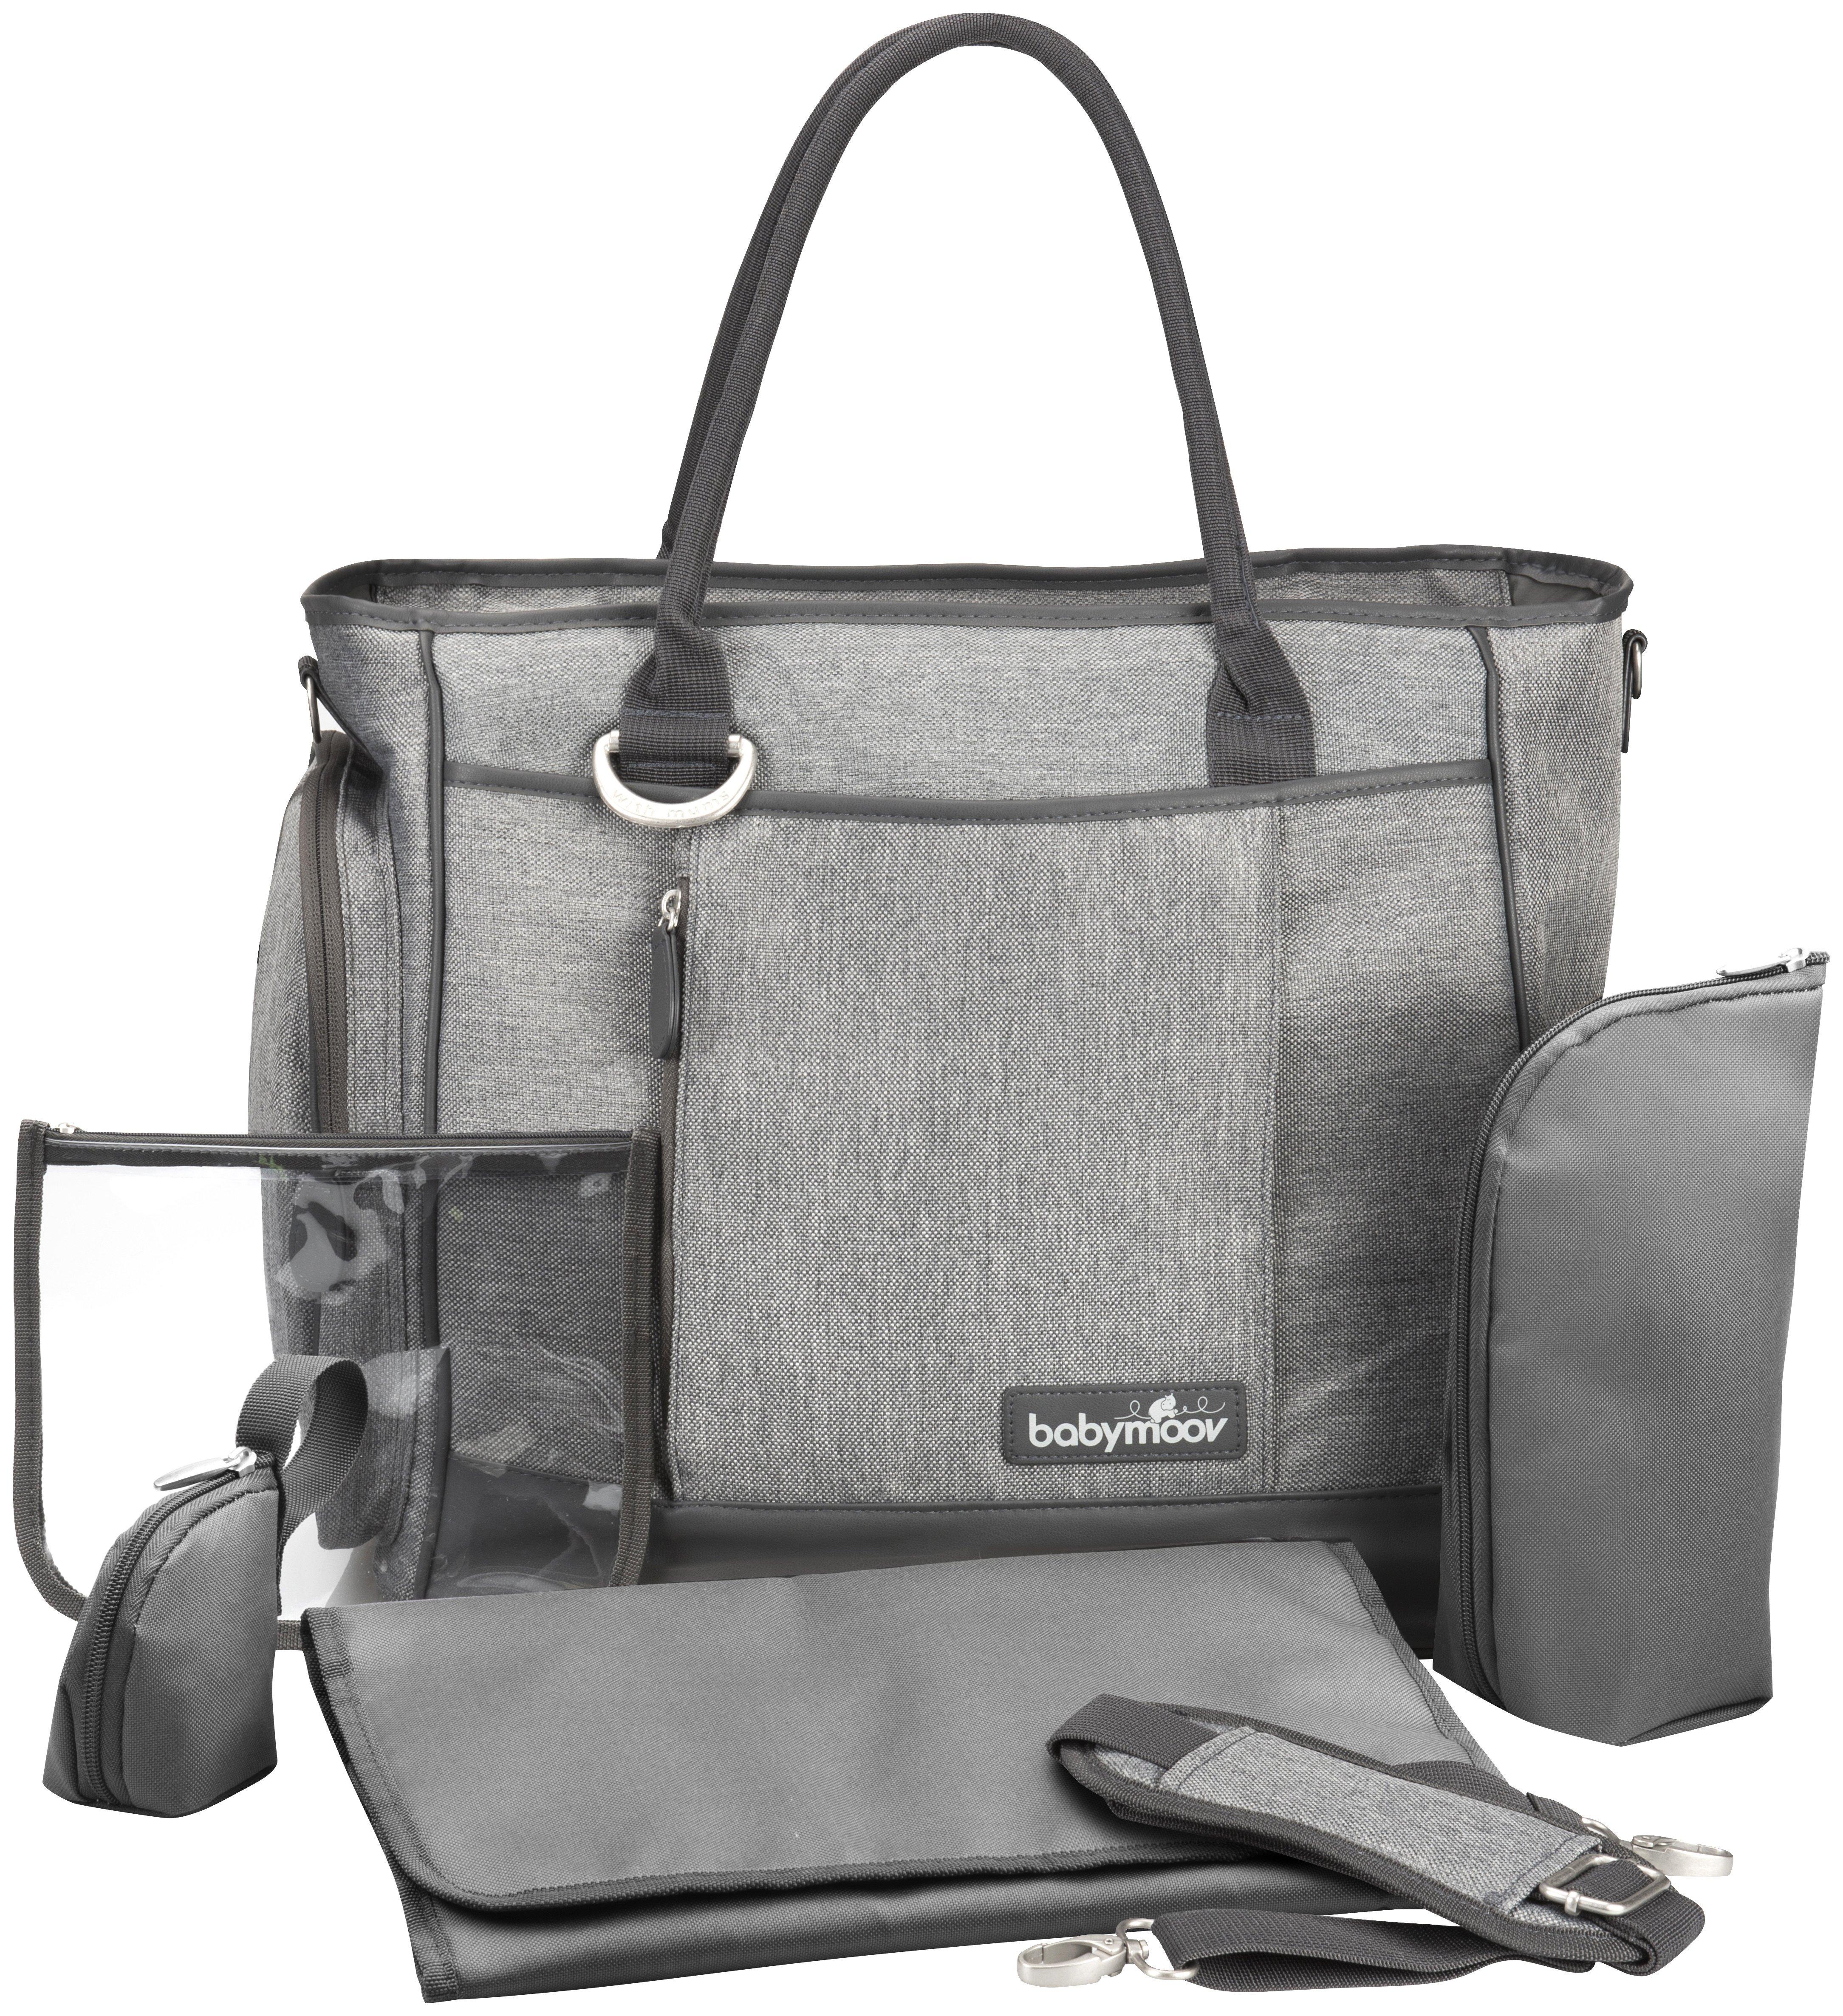 Babymoov Essential Changing Bag - Smokey Grey